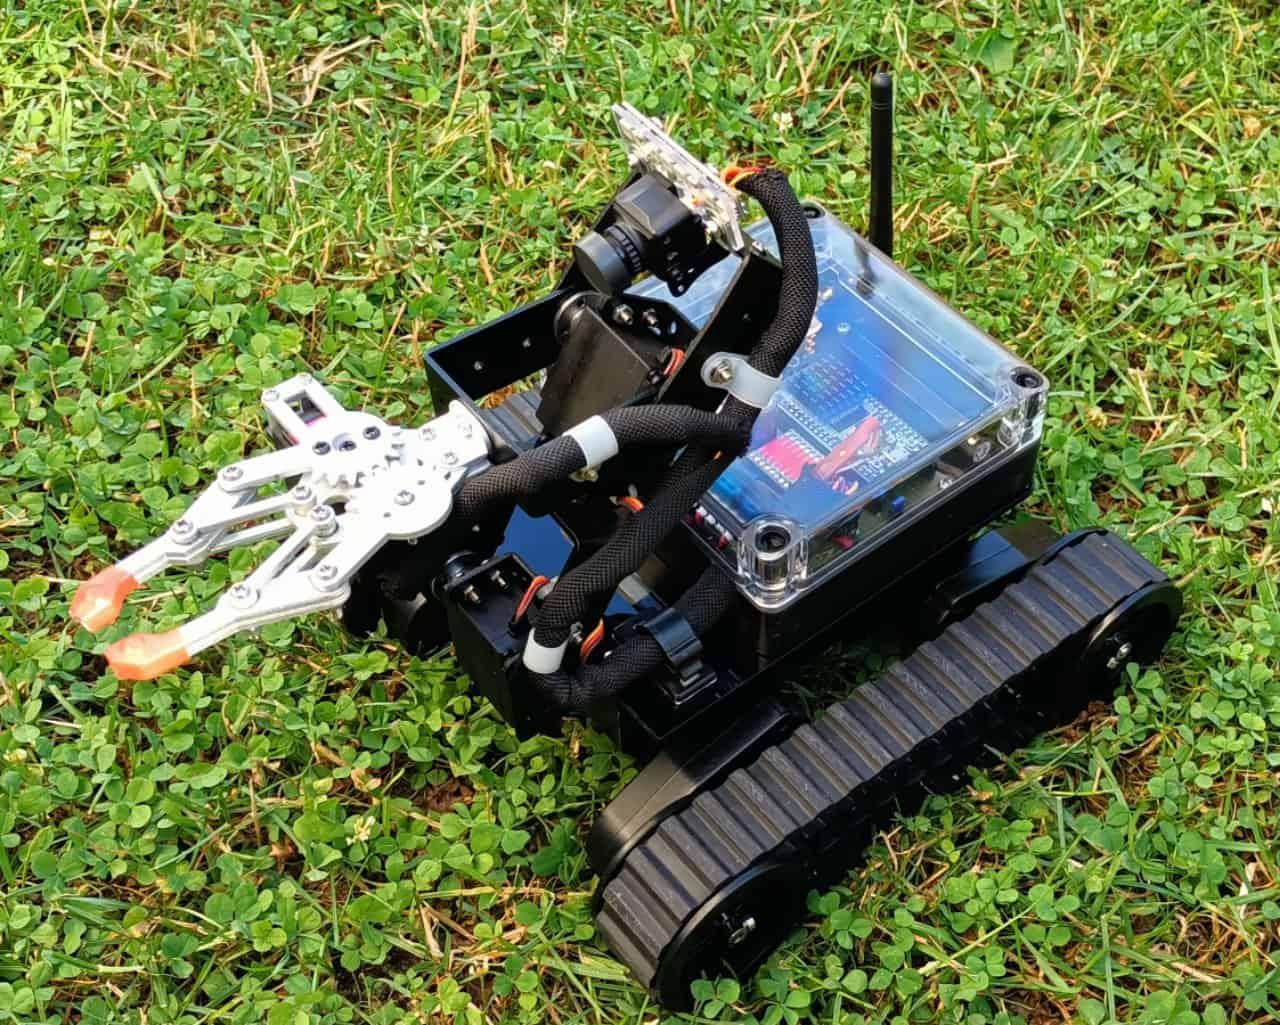 ESPoBOT czyli robot mobilny RC z chwytakiem i kamerą FPV